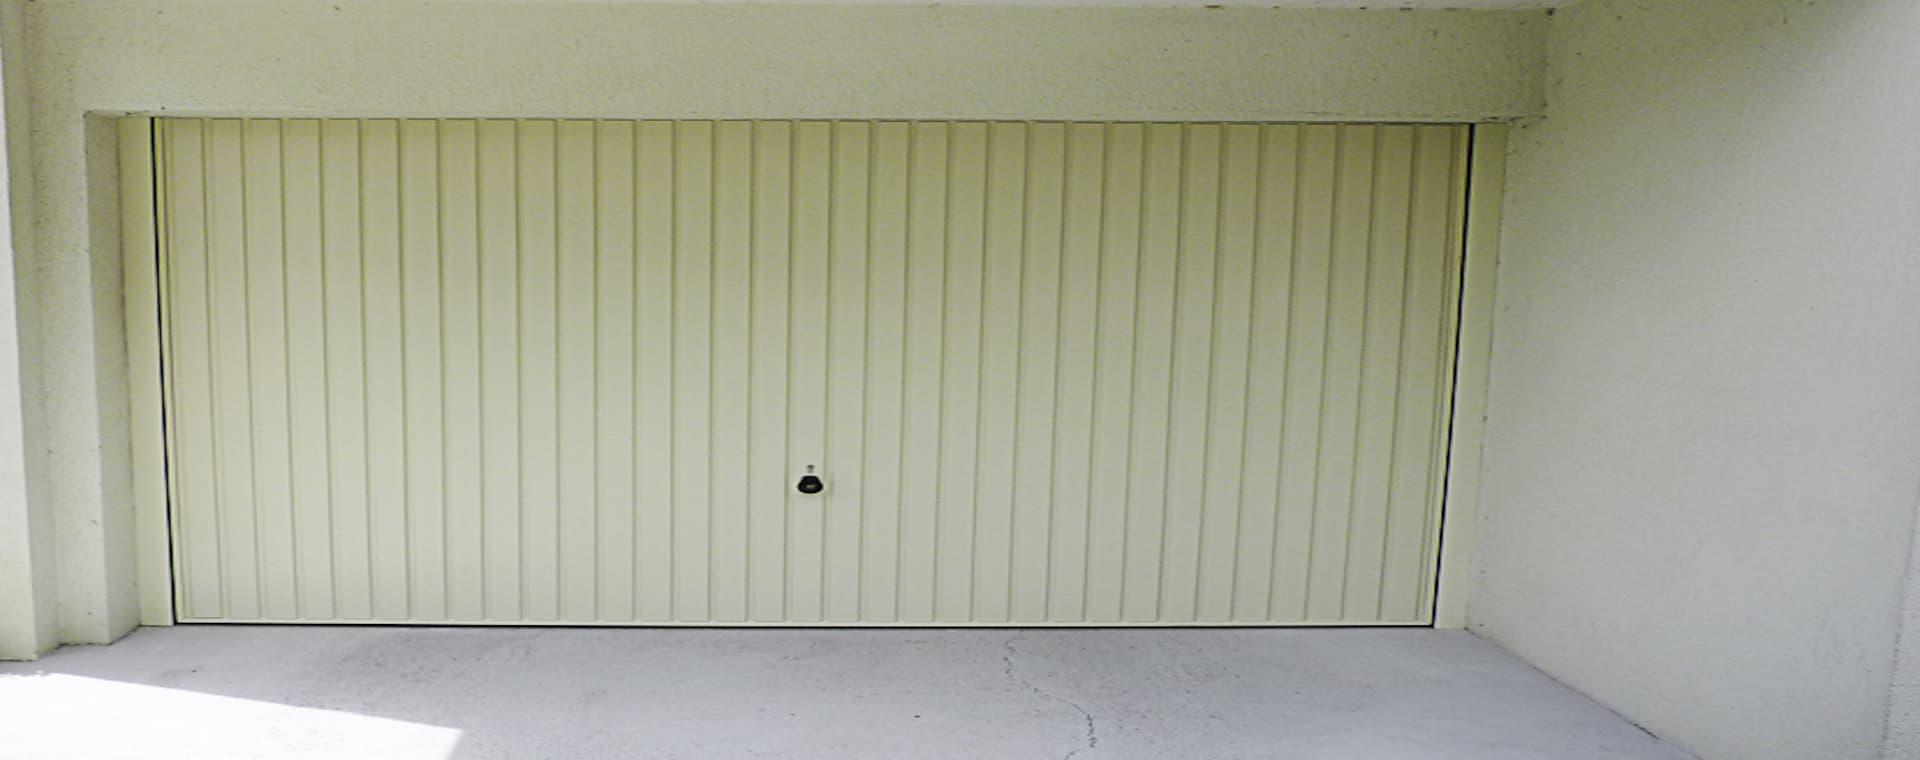 ouverture de porte de garage a beausoleil, serrurier porte de garage beausoleil, porte de garage beausoleil, serrurier pas cher pour une ouverture de porte de garage a beausoleil 06240